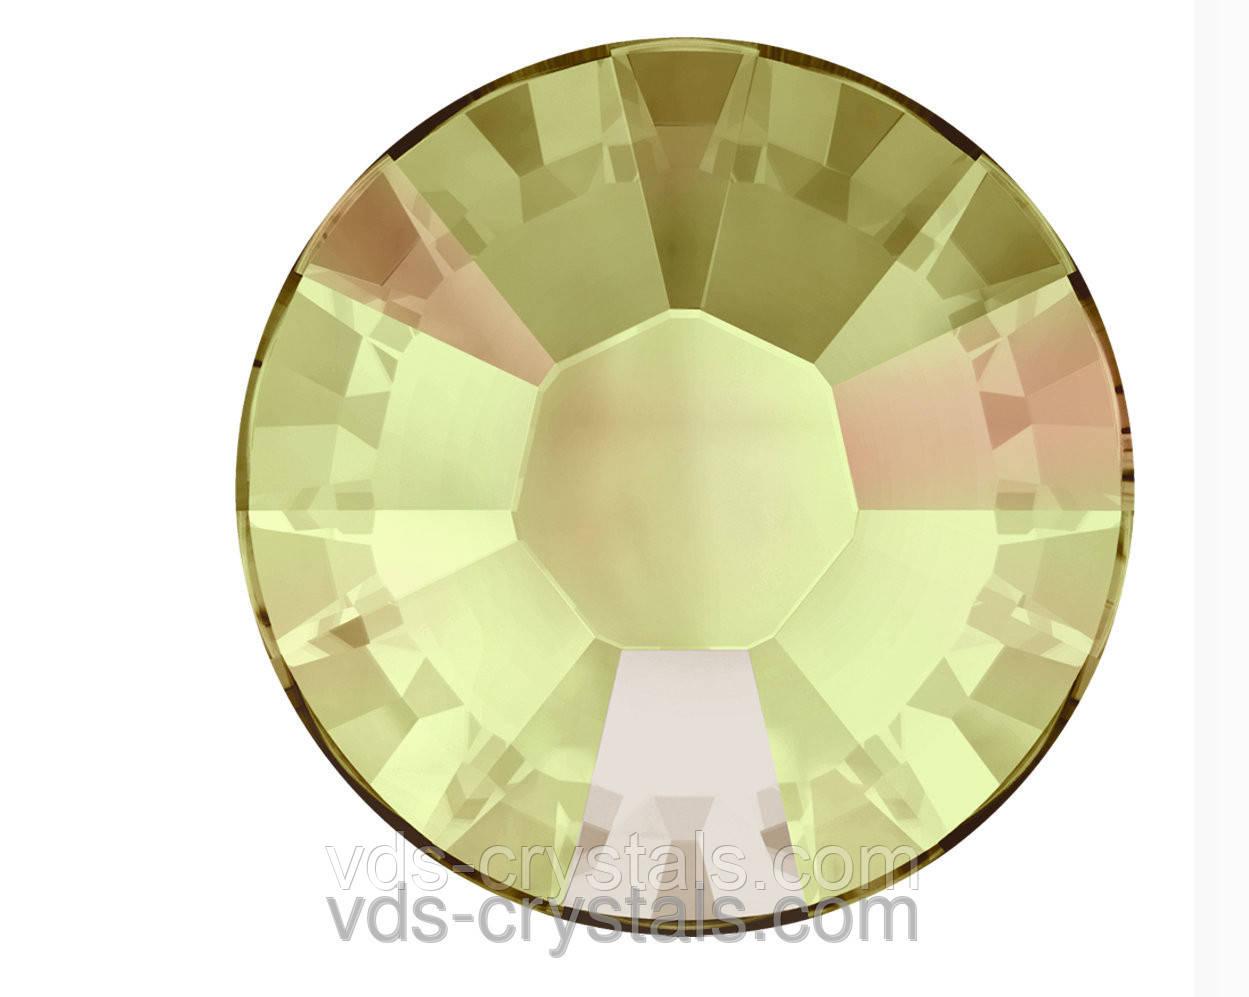 Стразы Swarovski клеевые холодной фиксации 2058 Crystal Luminous Green F (001 LUM